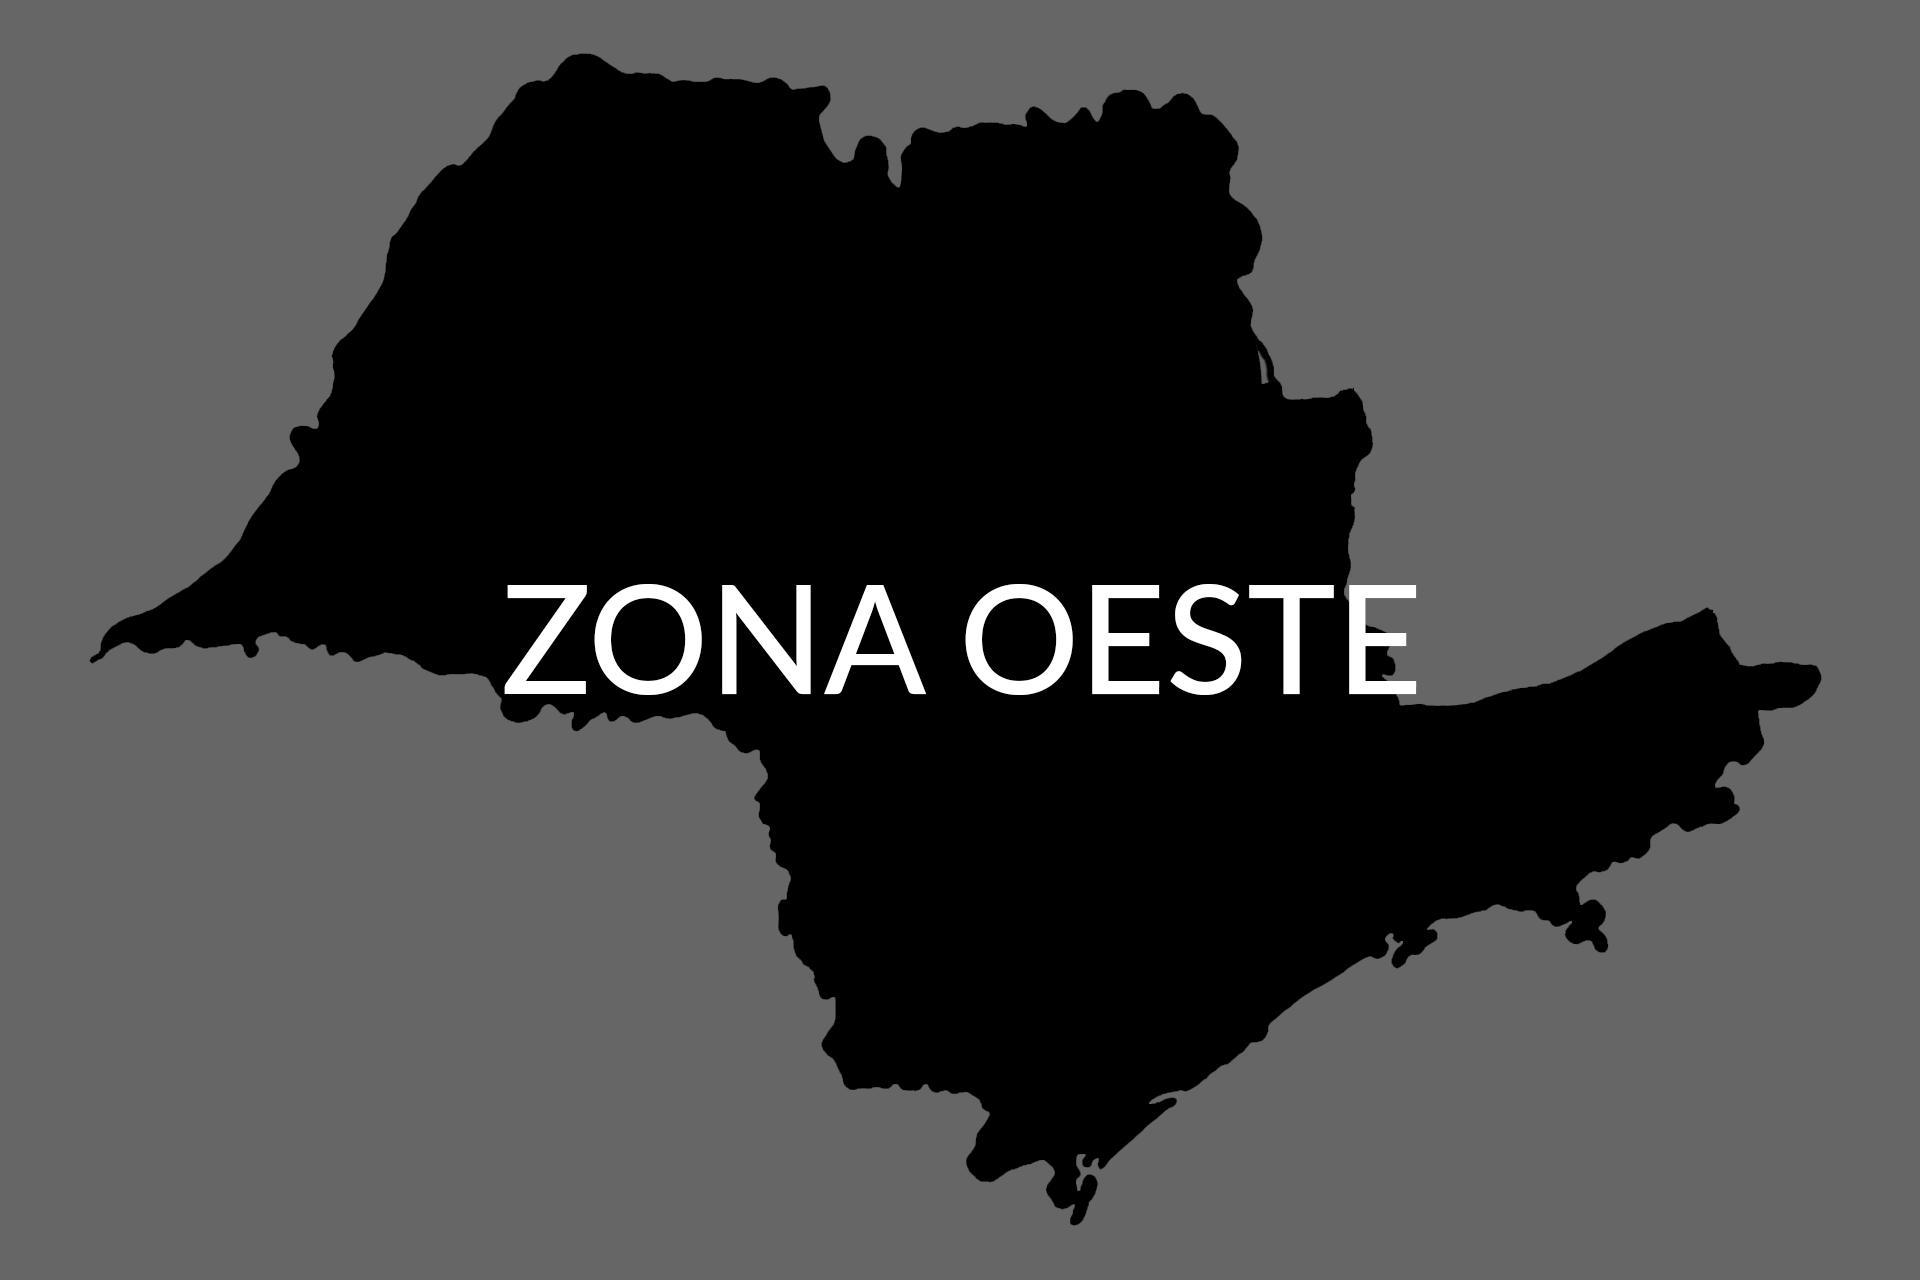 ZONA OESTE